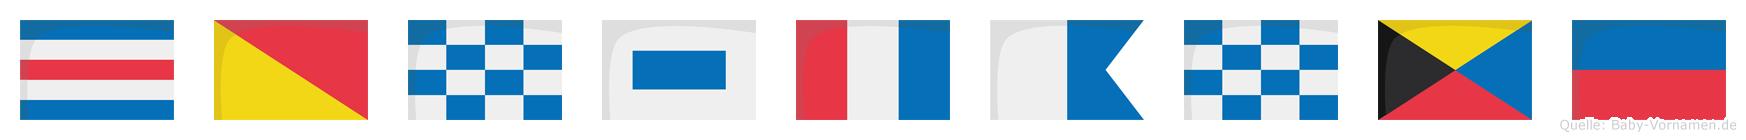 Constanze im Flaggenalphabet